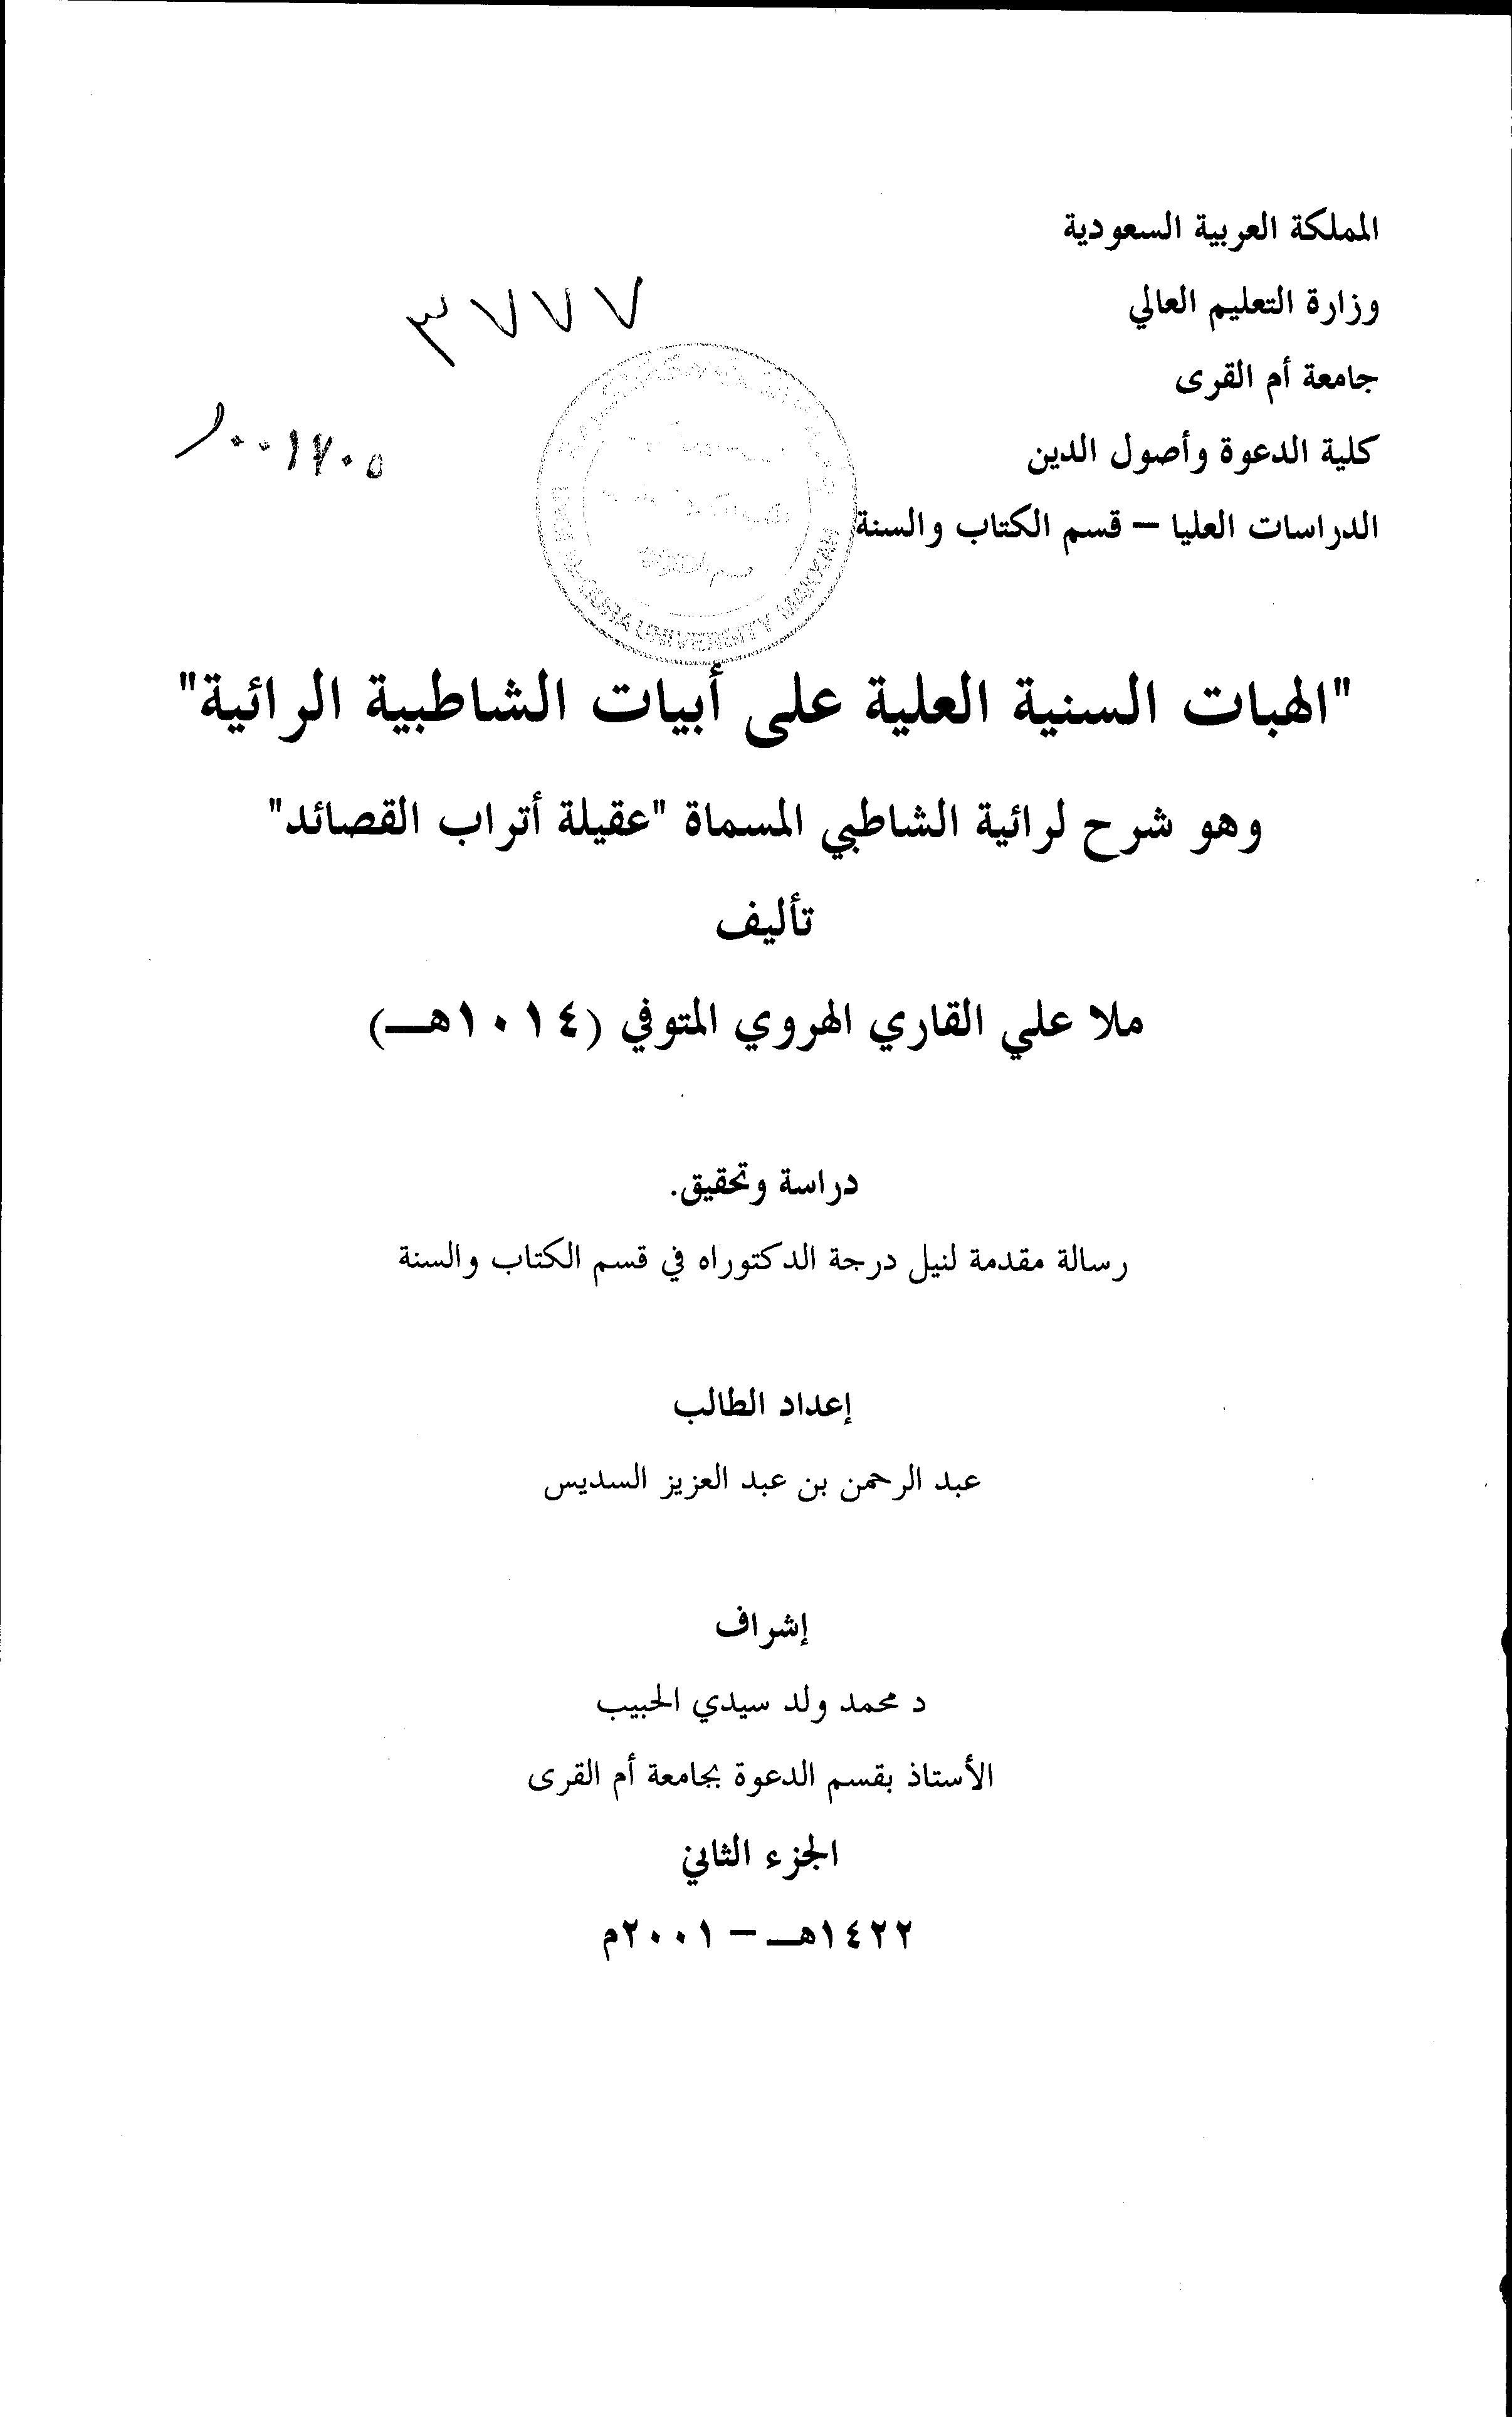 تحميل كتاب الهبات السنية العلية على أبيات الشاطبية الرائية (الجزء الثاني) لـِ: الإمام نور الدين أبو الحسن علي بن سلطان محمد، الملا الهروي القاري (ت 1014)